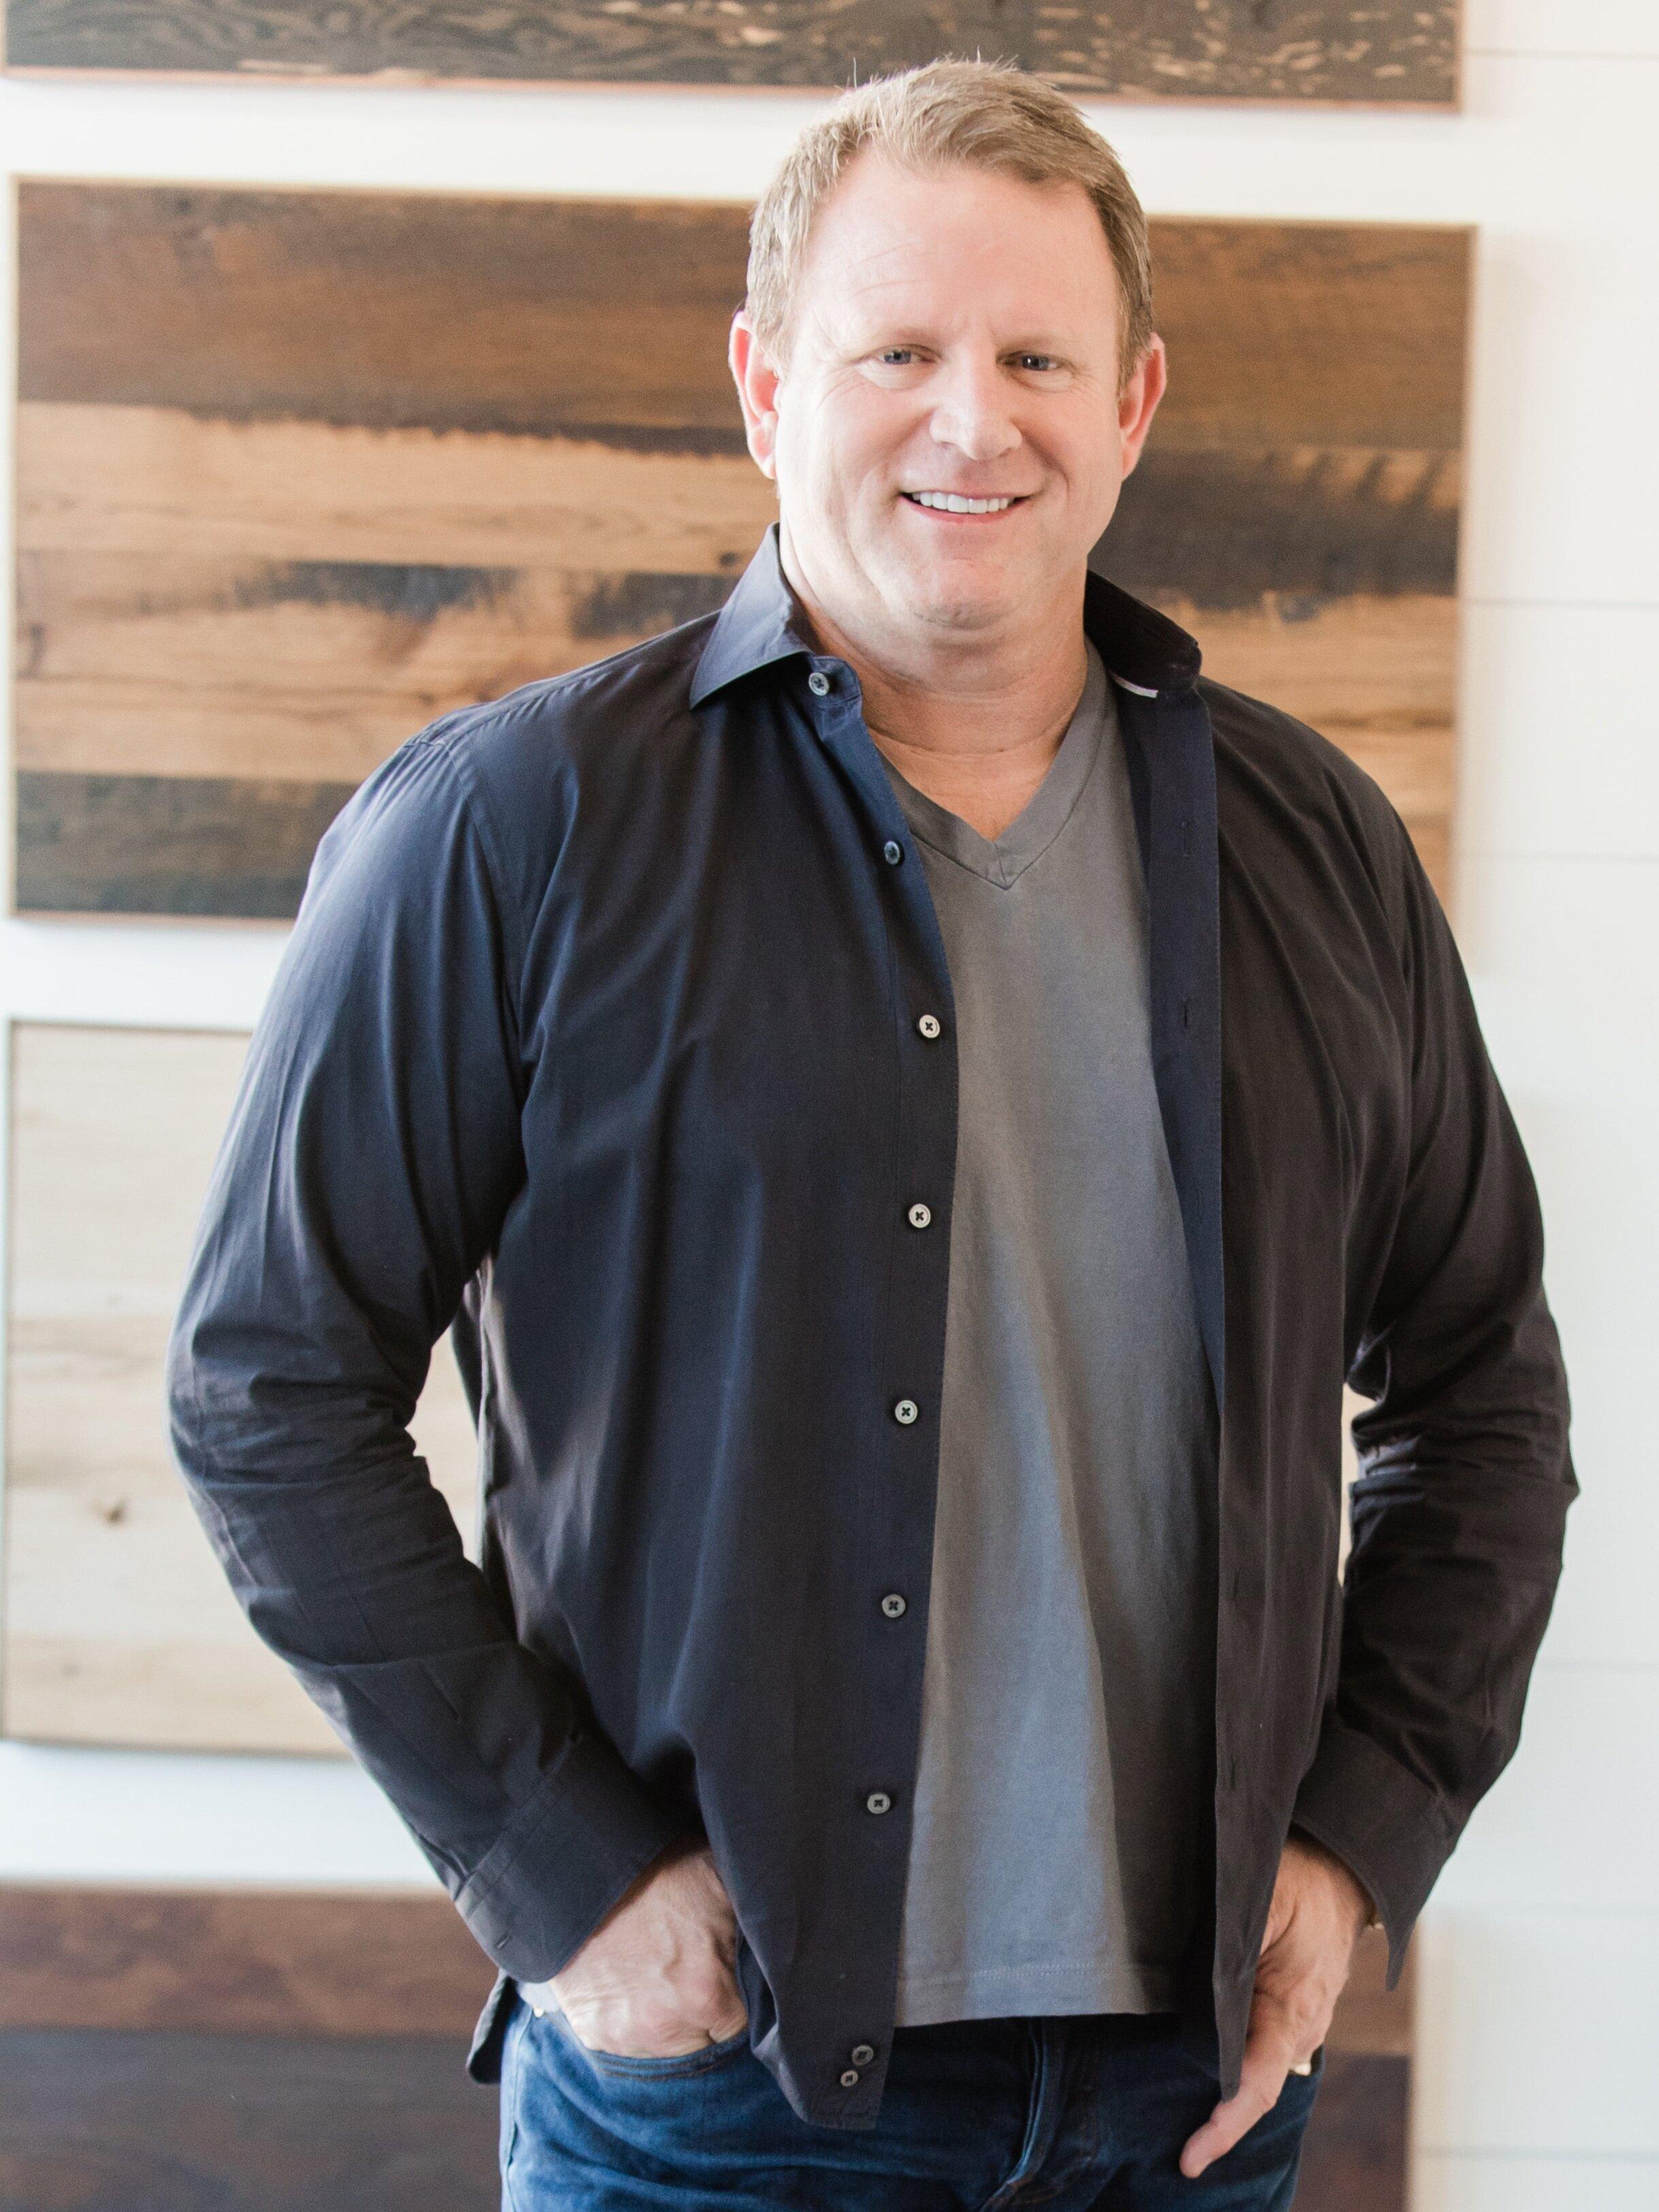 Chris Caves - Owner/President